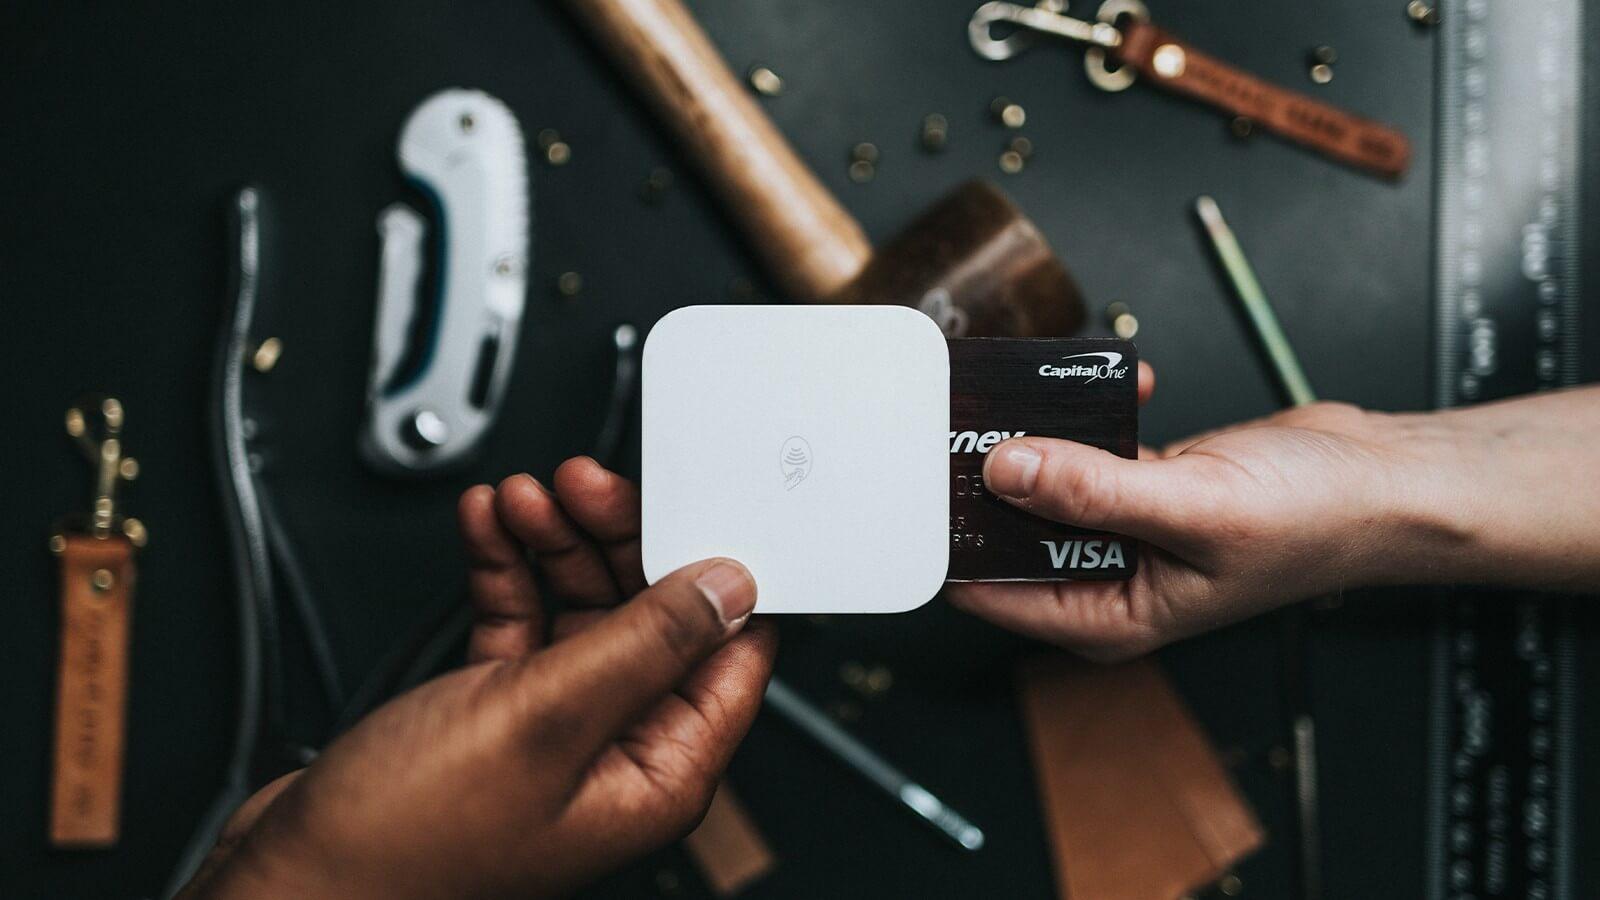 digital consumer experience trends visa